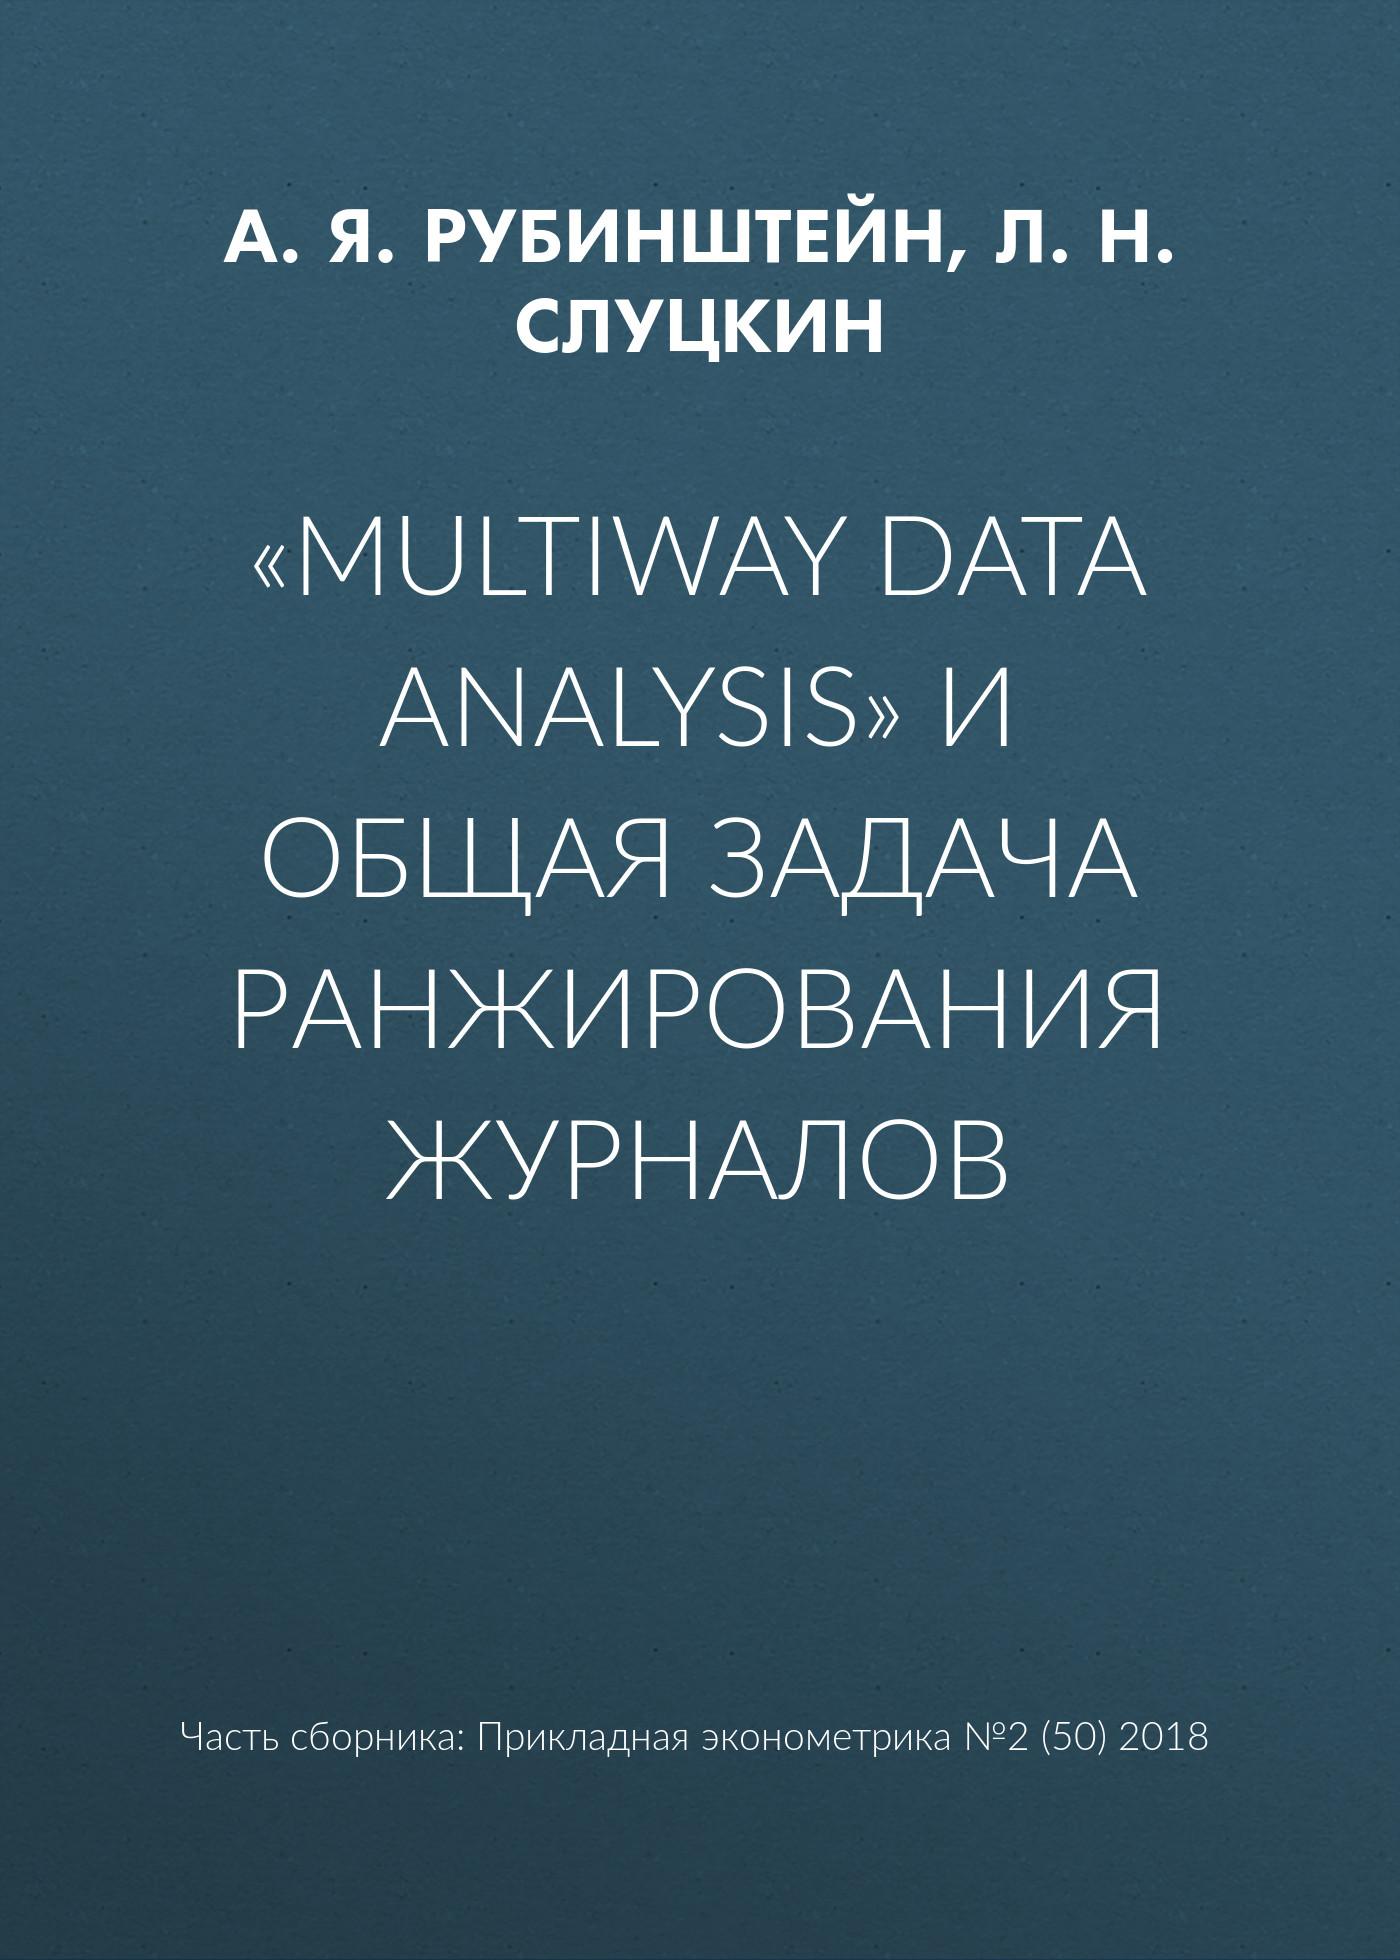 Л. Н. Слуцкин «Multiway data analysis» и общая задача ранжирования журналов цена и фото